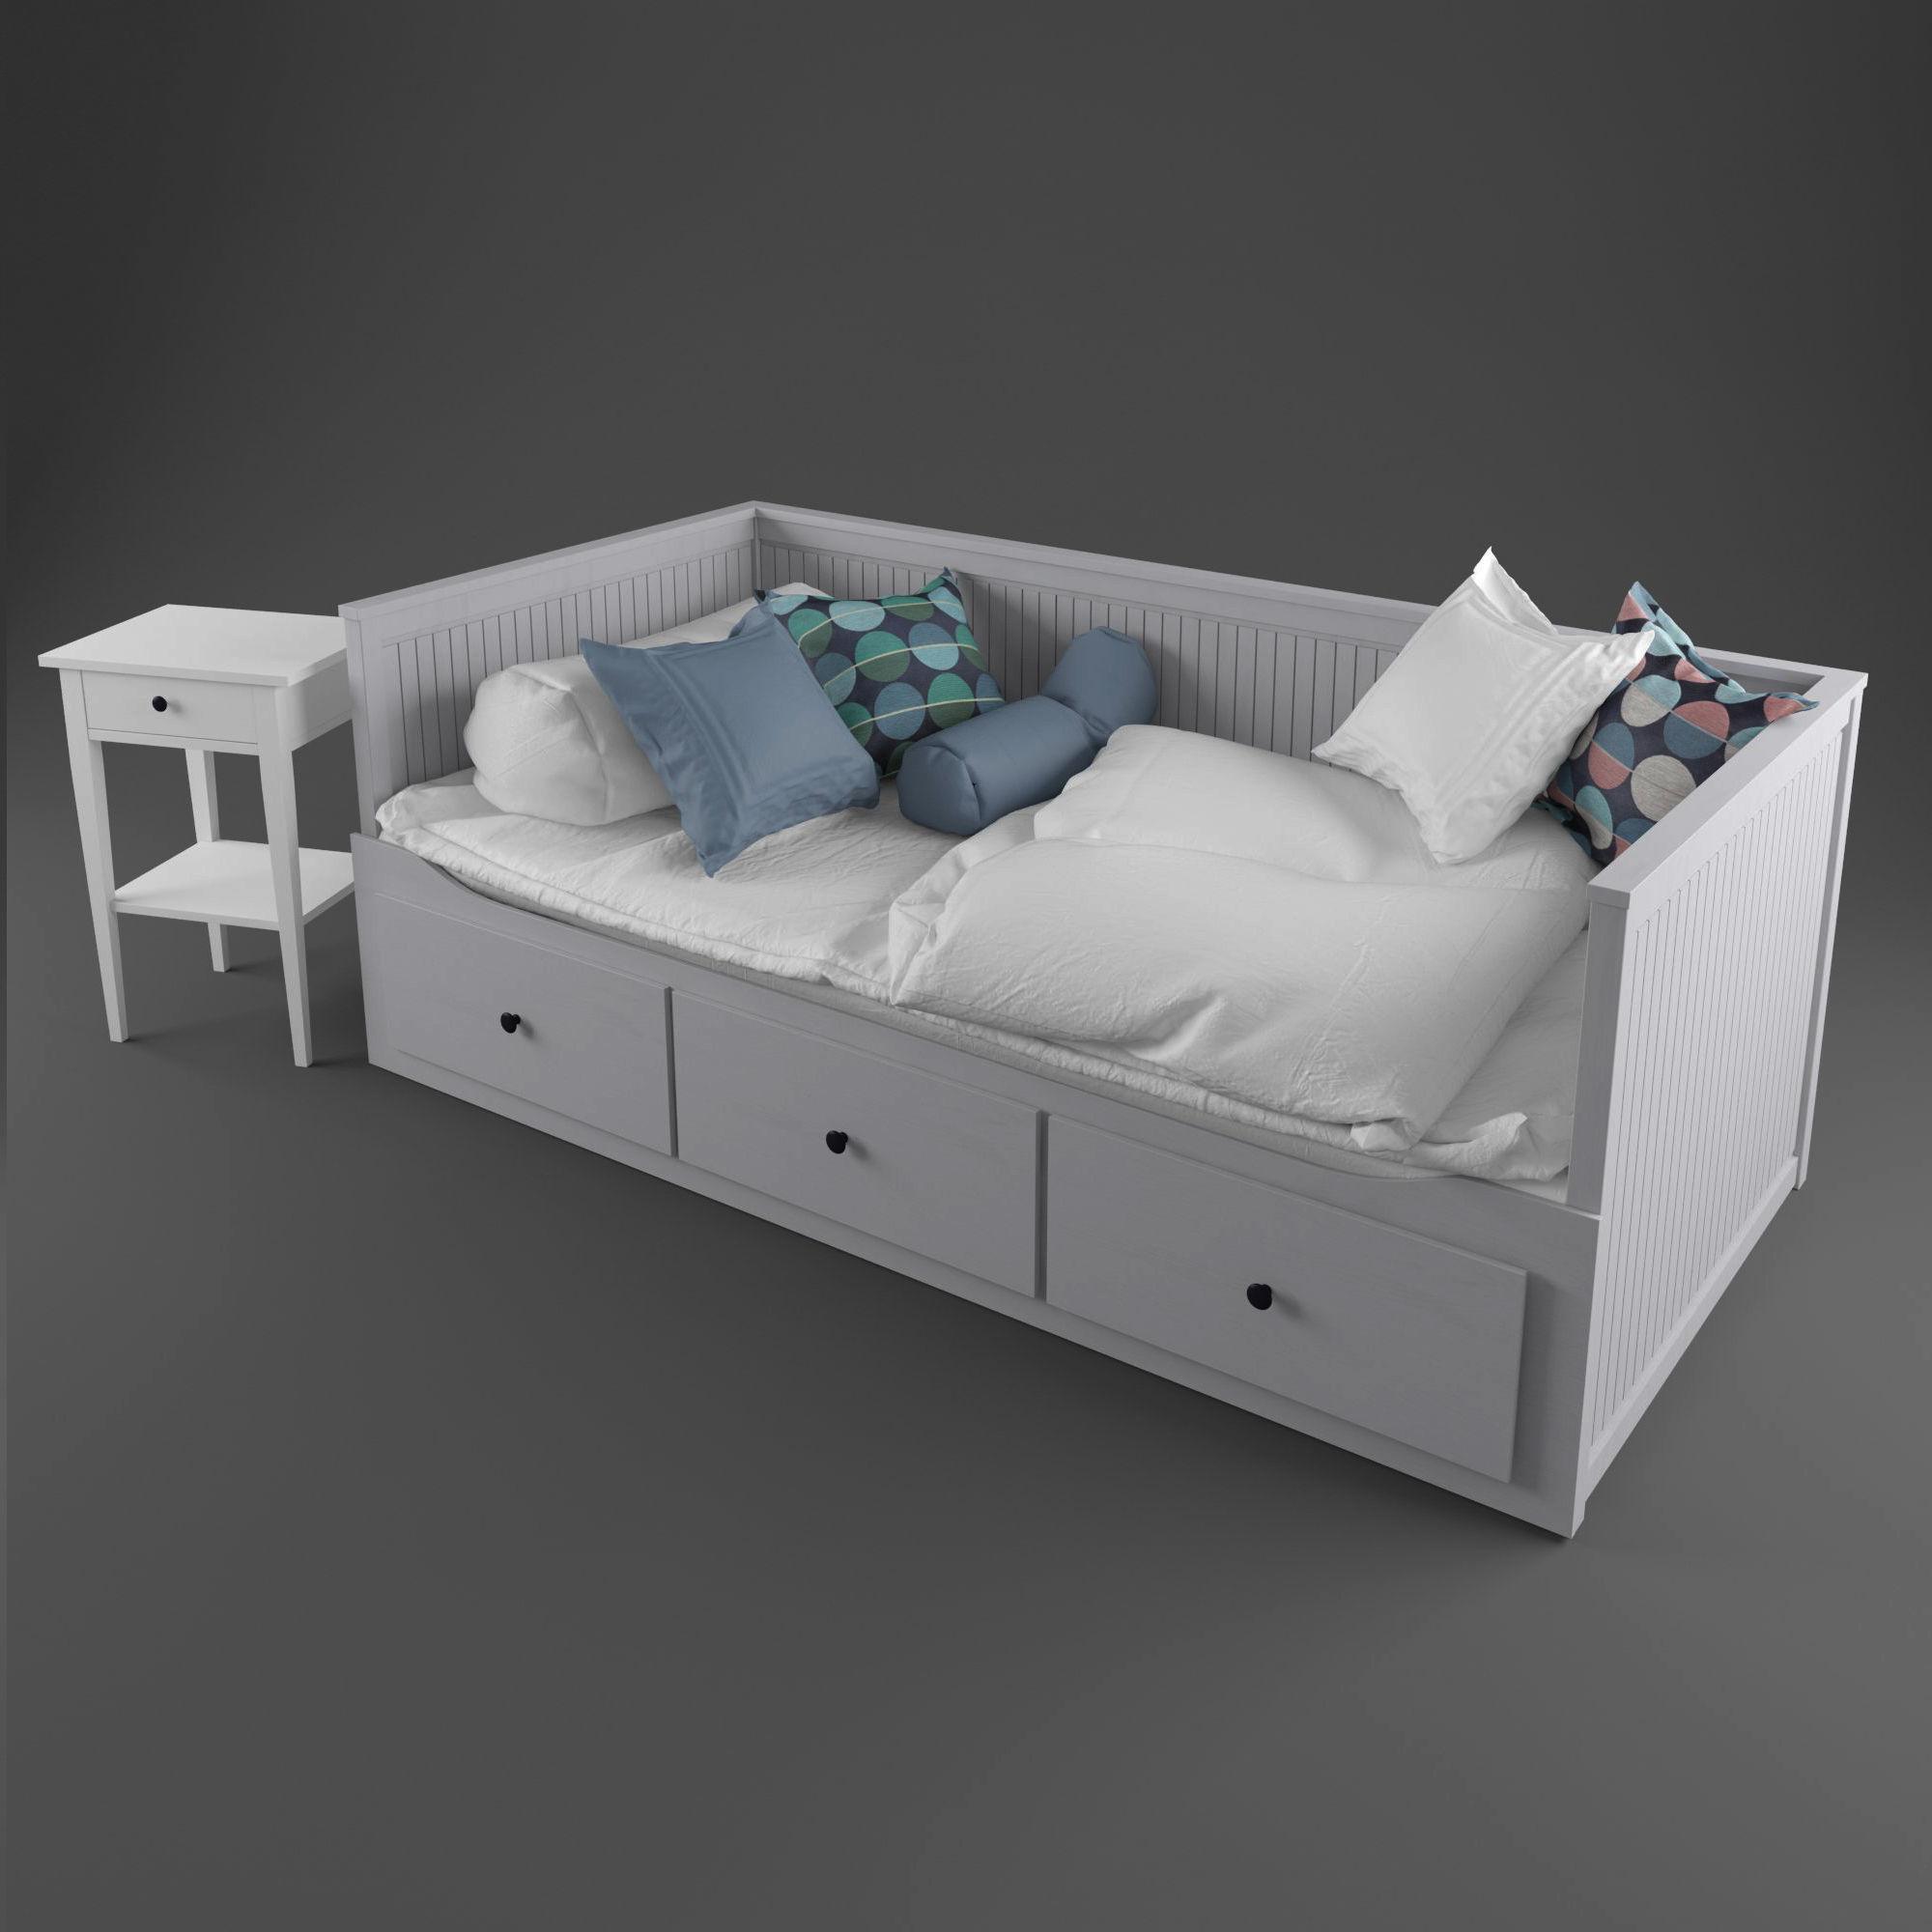 Ikea Hemnes Bedbank.Carpet Ikea Hemnes Bed 2 3d Model Cgtrader